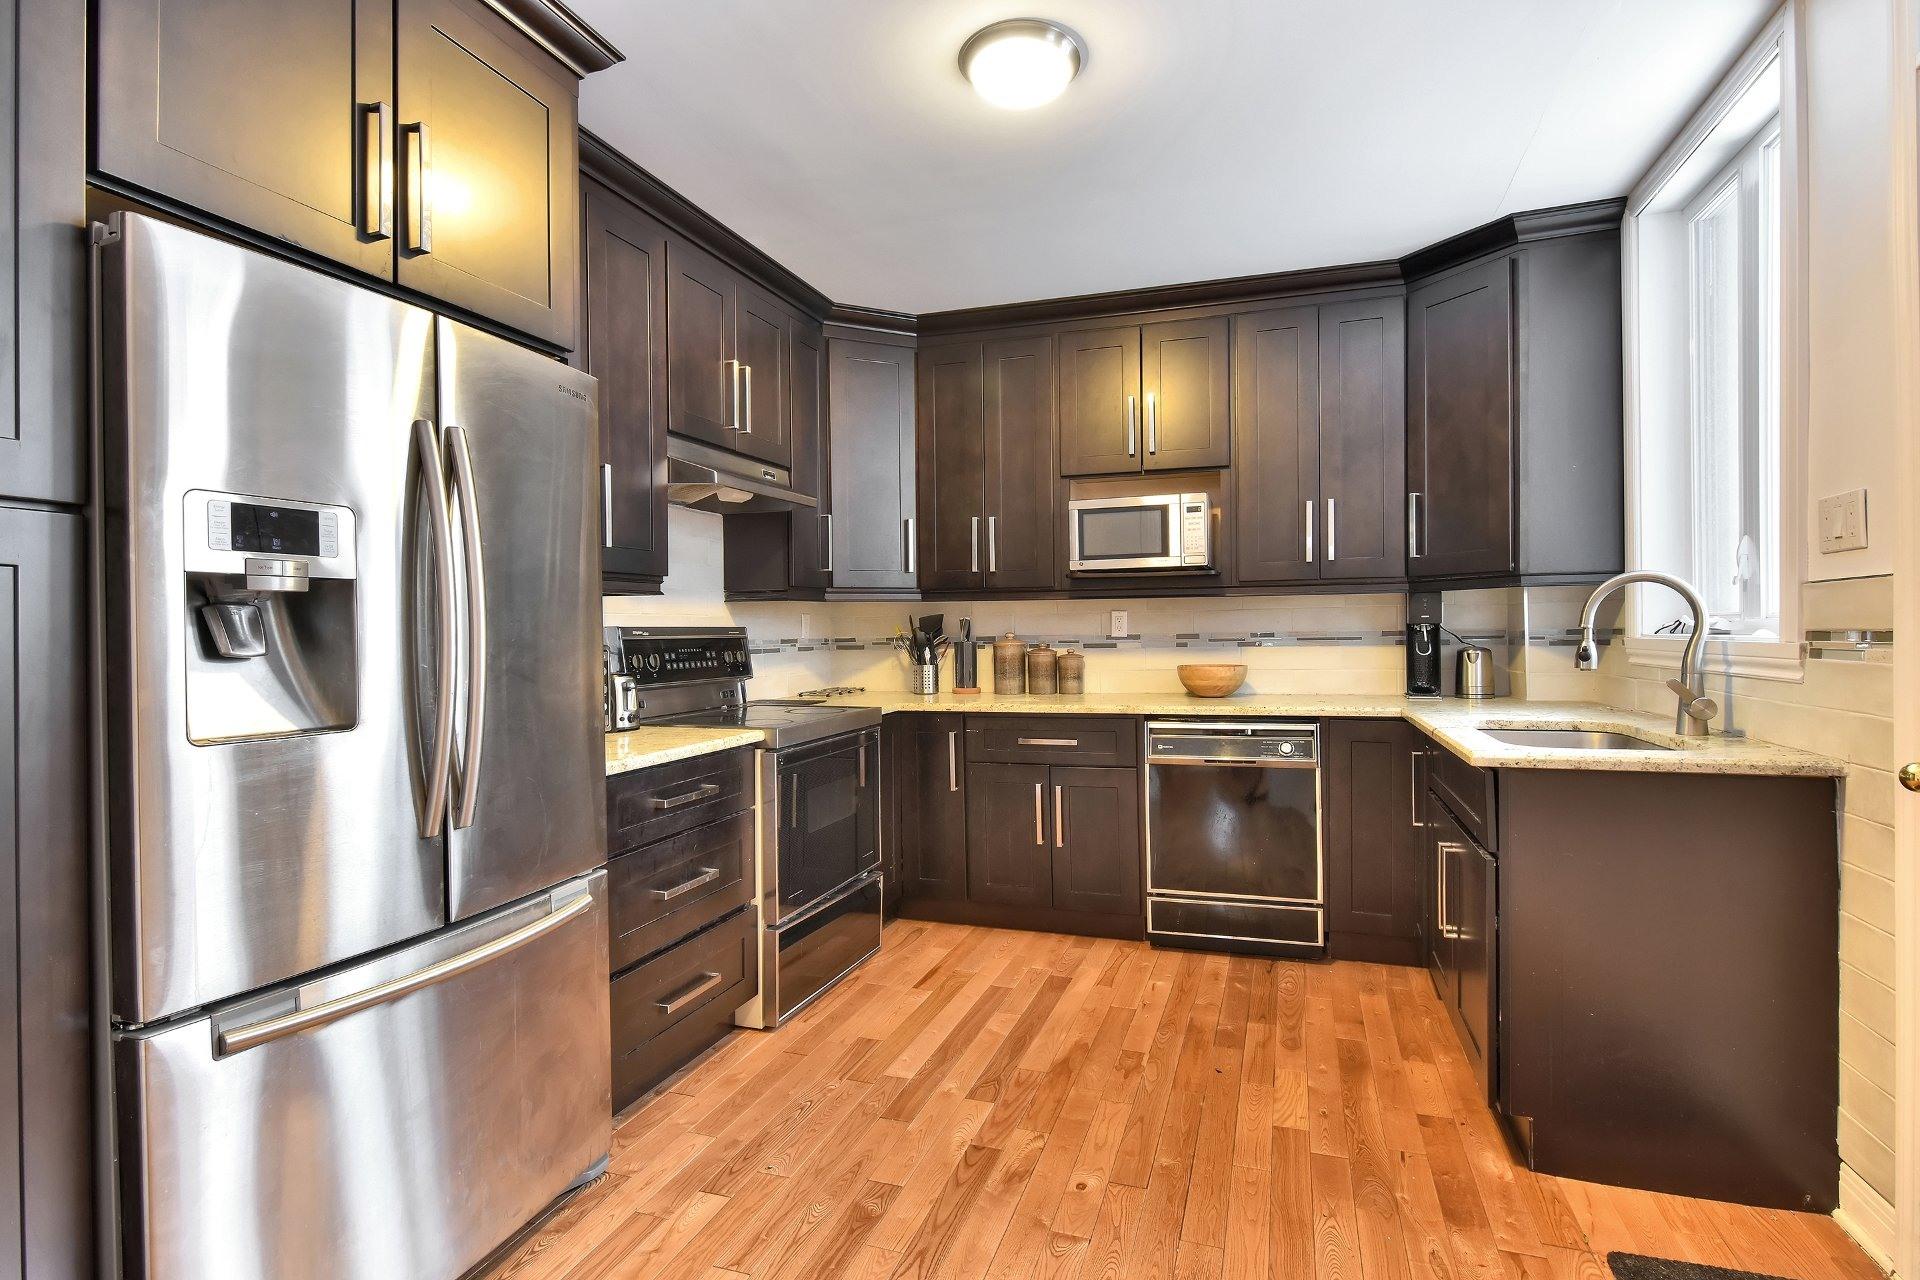 image 10 - Departamento En venta Côte-des-Neiges/Notre-Dame-de-Grâce Montréal  - 7 habitaciones